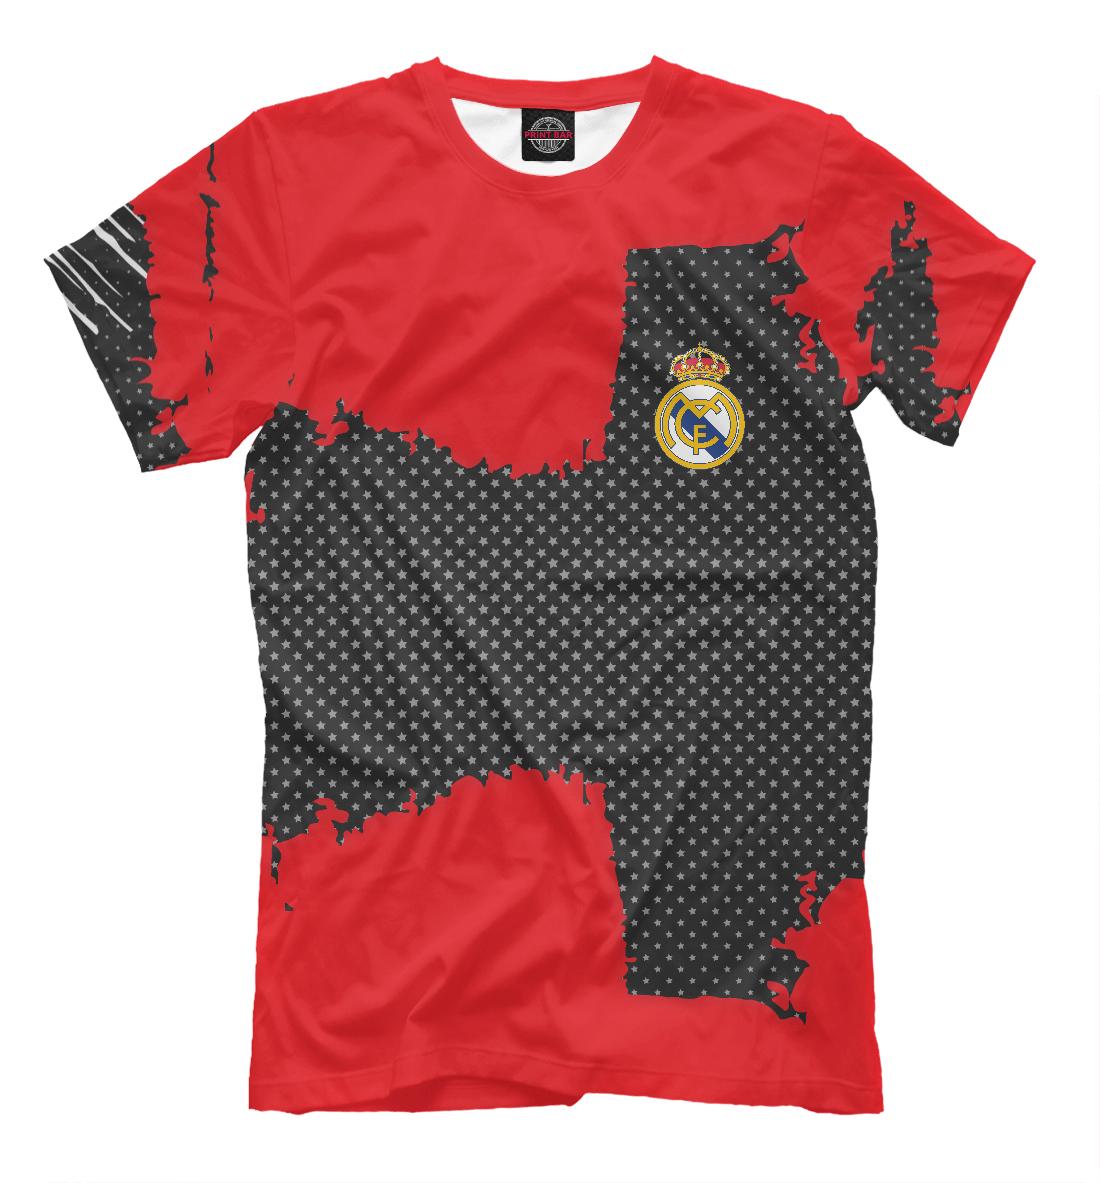 Купить Real Madrid sport uniform, Printbar, Футболки, REA-105522-fut-2